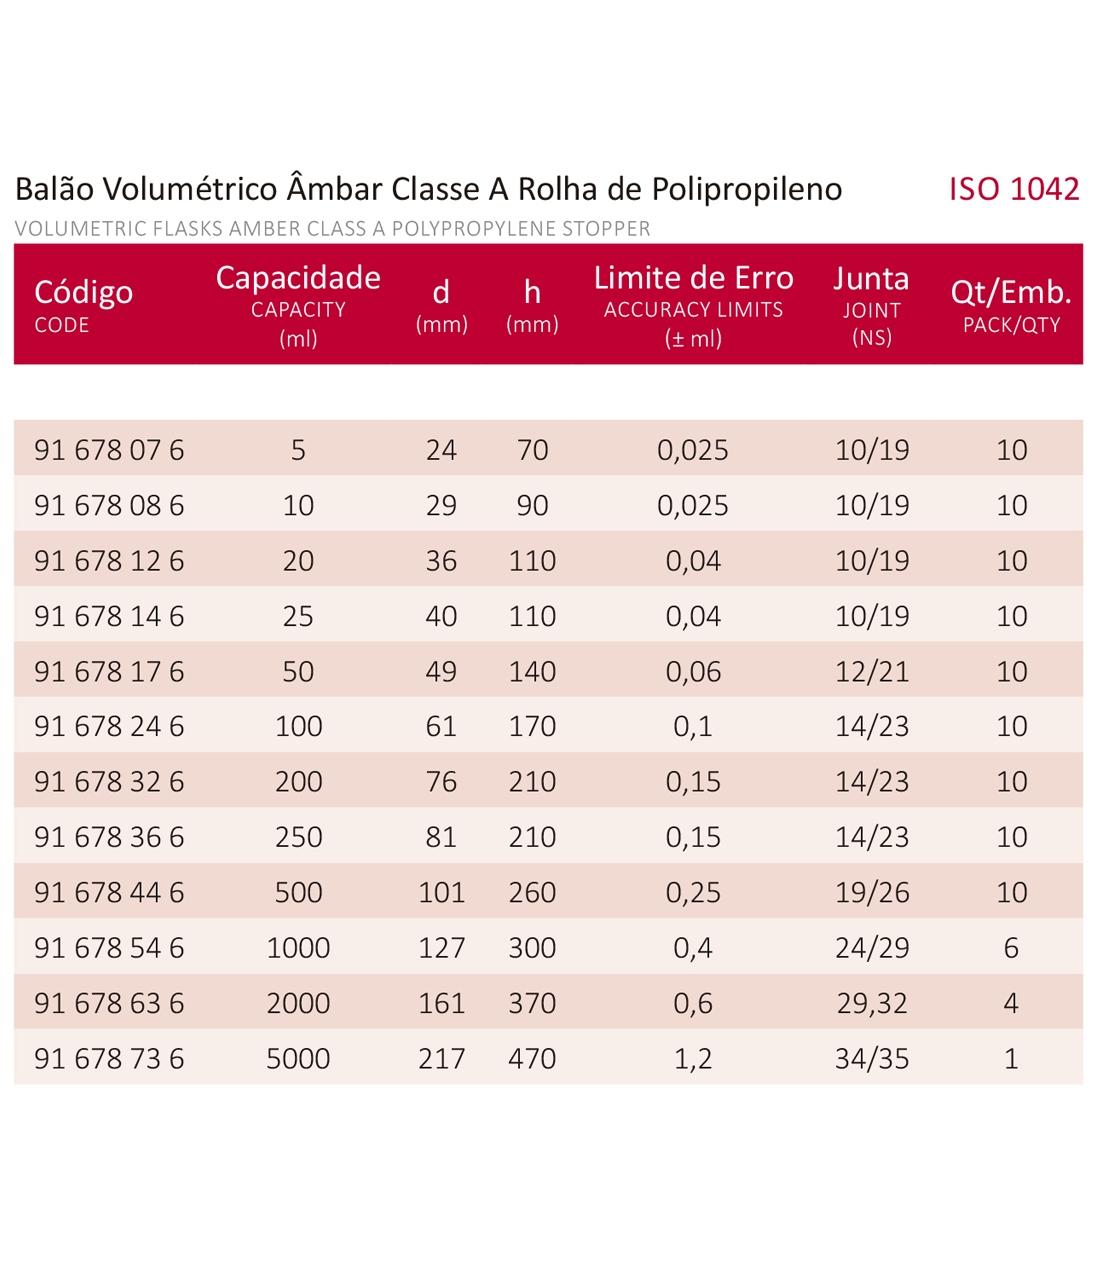 BALÃO VOLUMÉTRICO CLASSE A ROLHA POLI ÂMBAR C/ CERTIFICADO RASTREÁVEL 25 ML - Marca Laborglas - Cód. 91678146-C